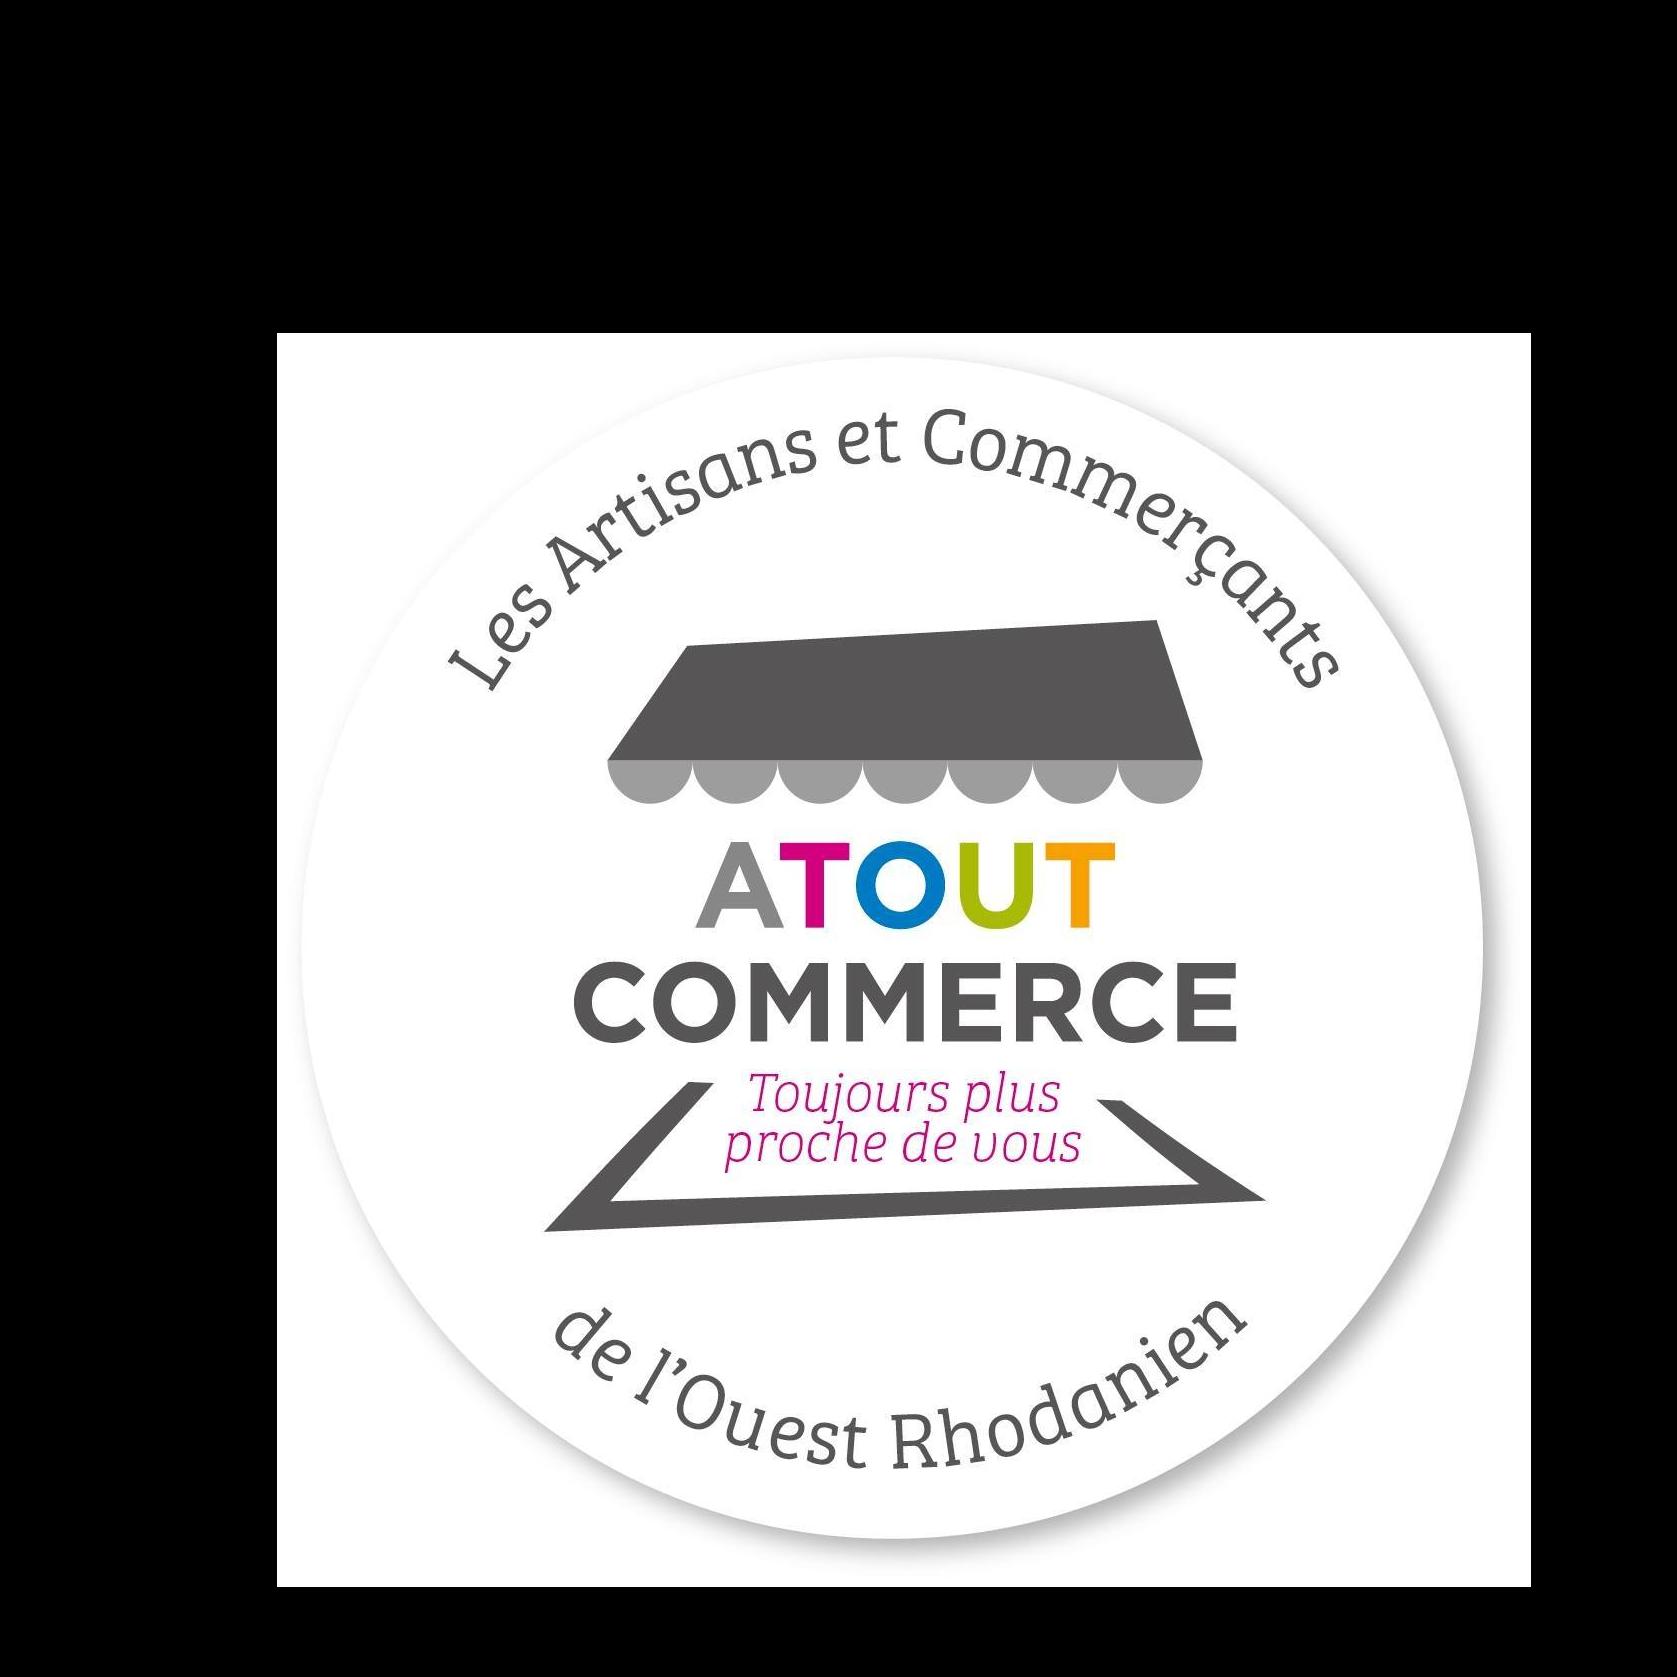 Atout Commerce